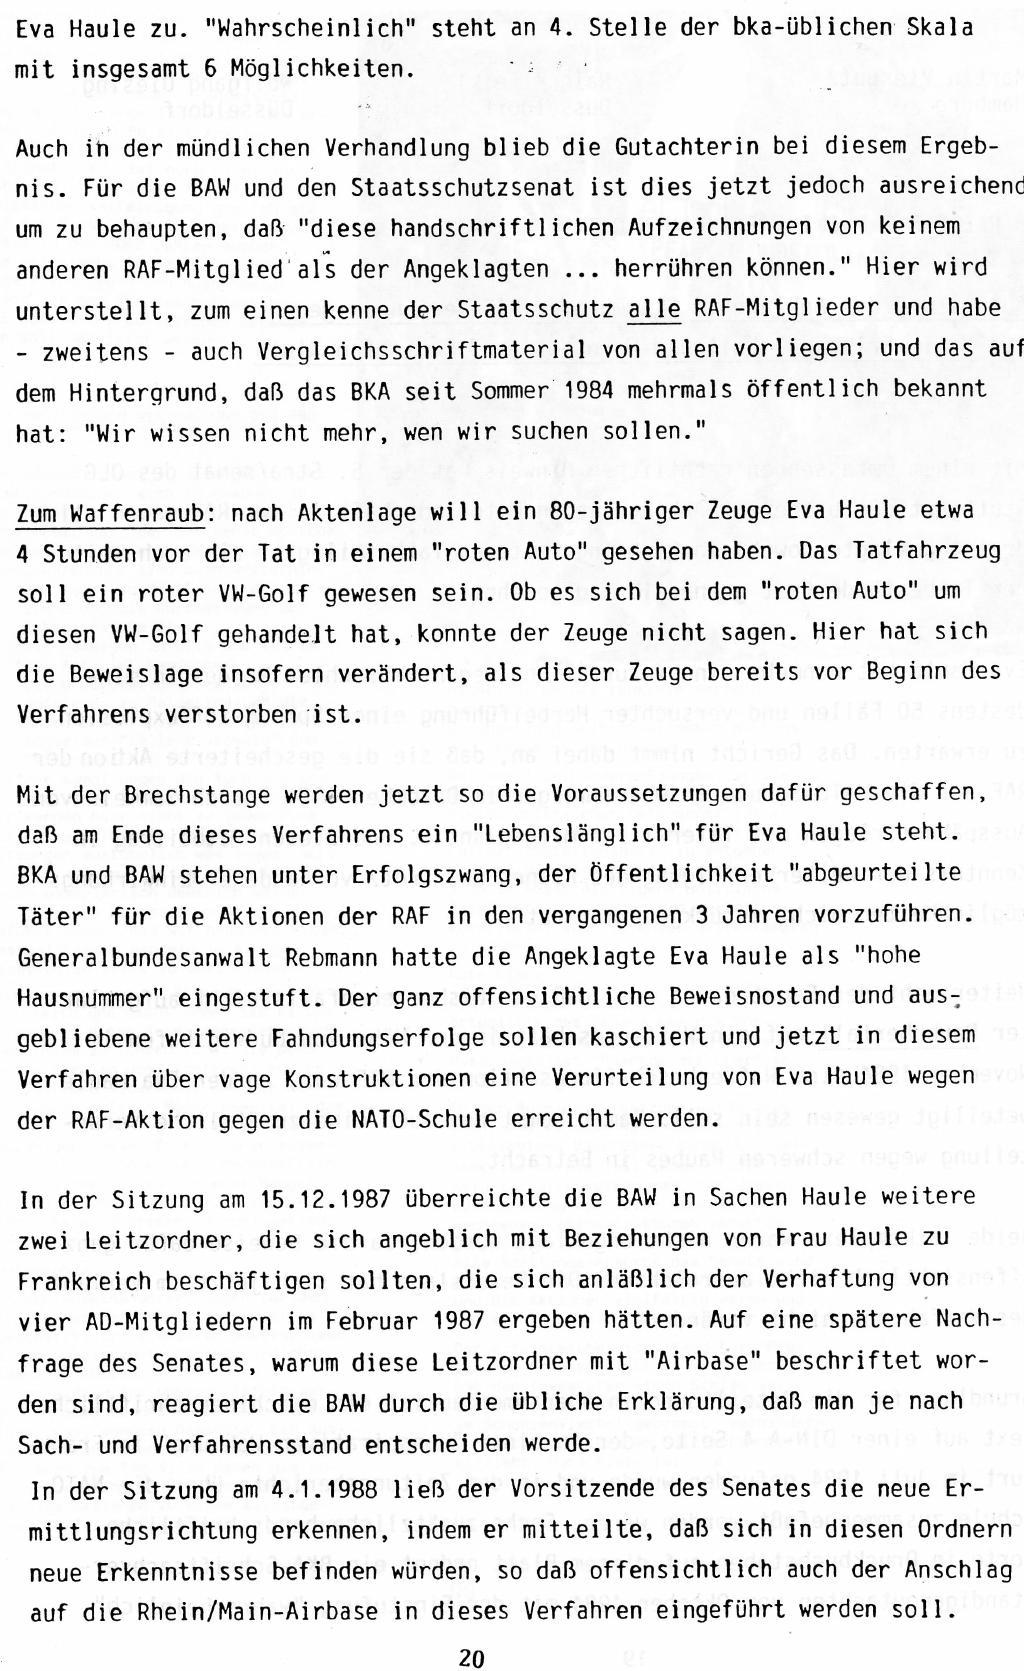 Duesseldorf_1989_Sechs_Politische_Gefangene_020